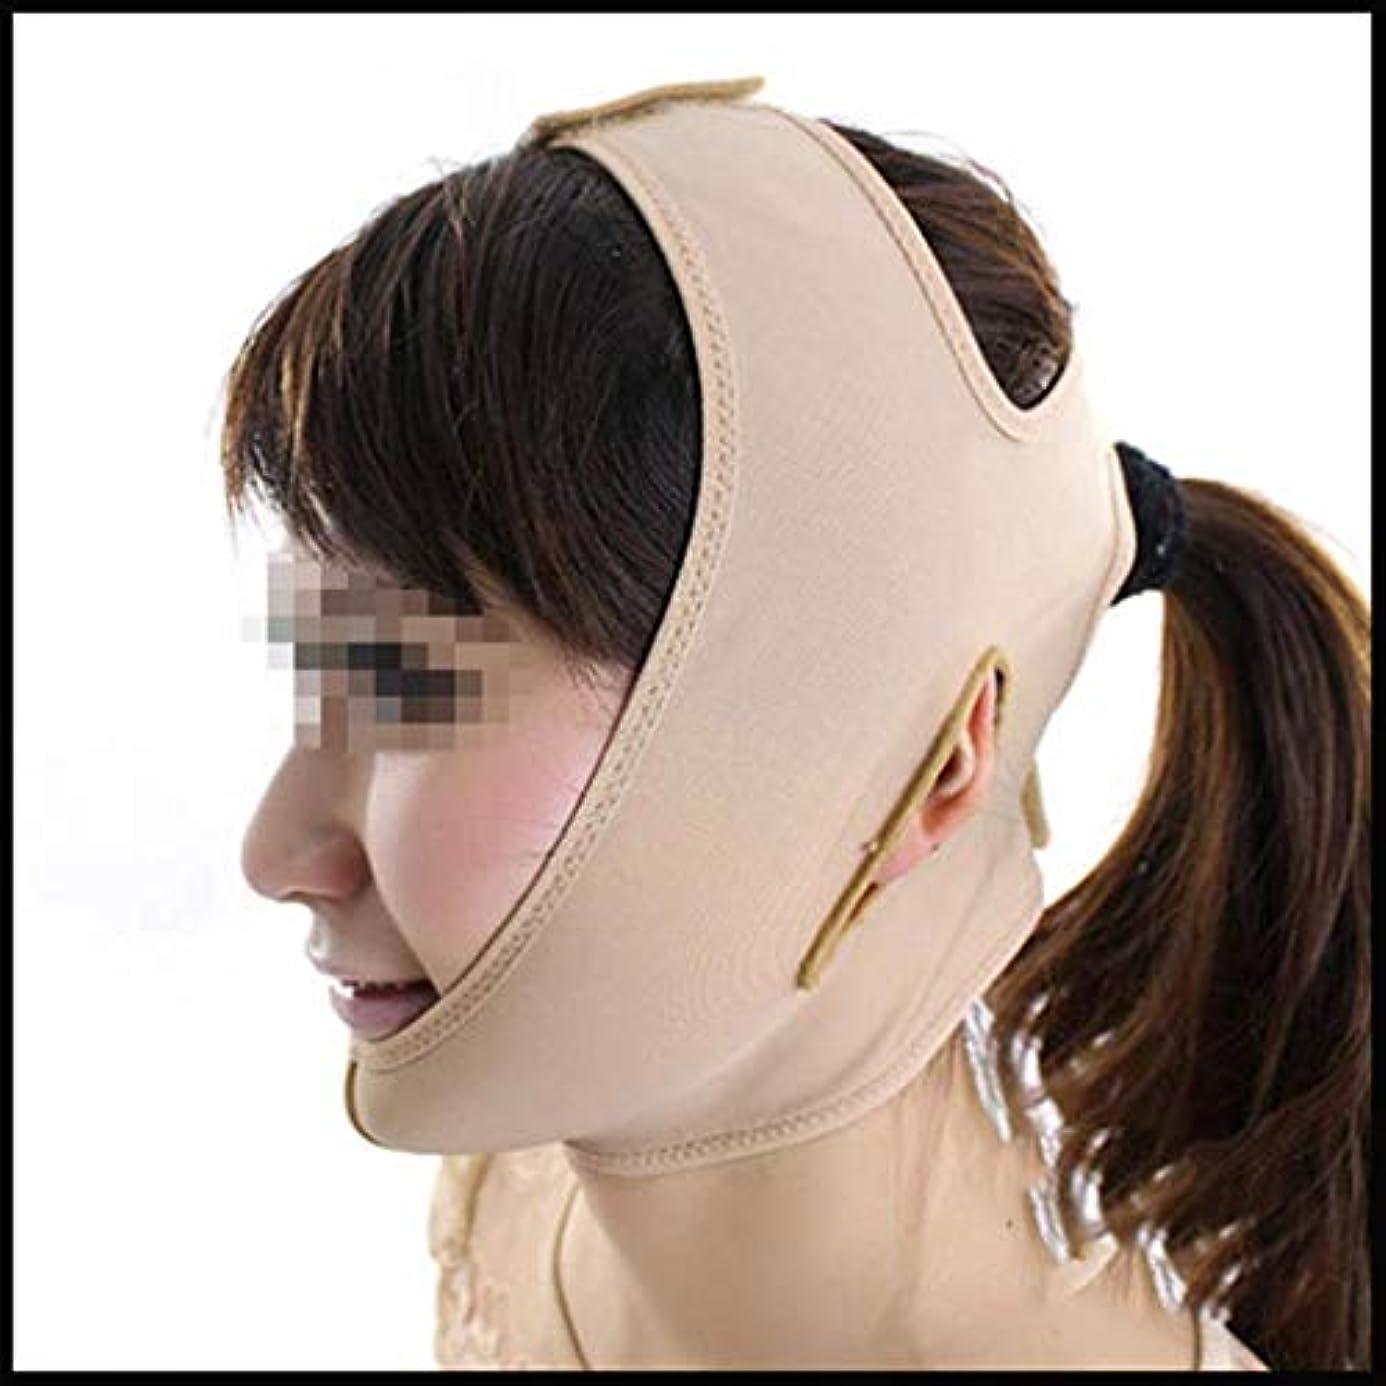 突進ワーカー伝記美容と実用的なフェイスリフティング包帯、薄いフェイスマスク薄いマッサージ筋マッスルスリープフェイスリフティングフェイス付きの薄いフェイスVフェイス薄いフェイスマスク(サイズ:S)